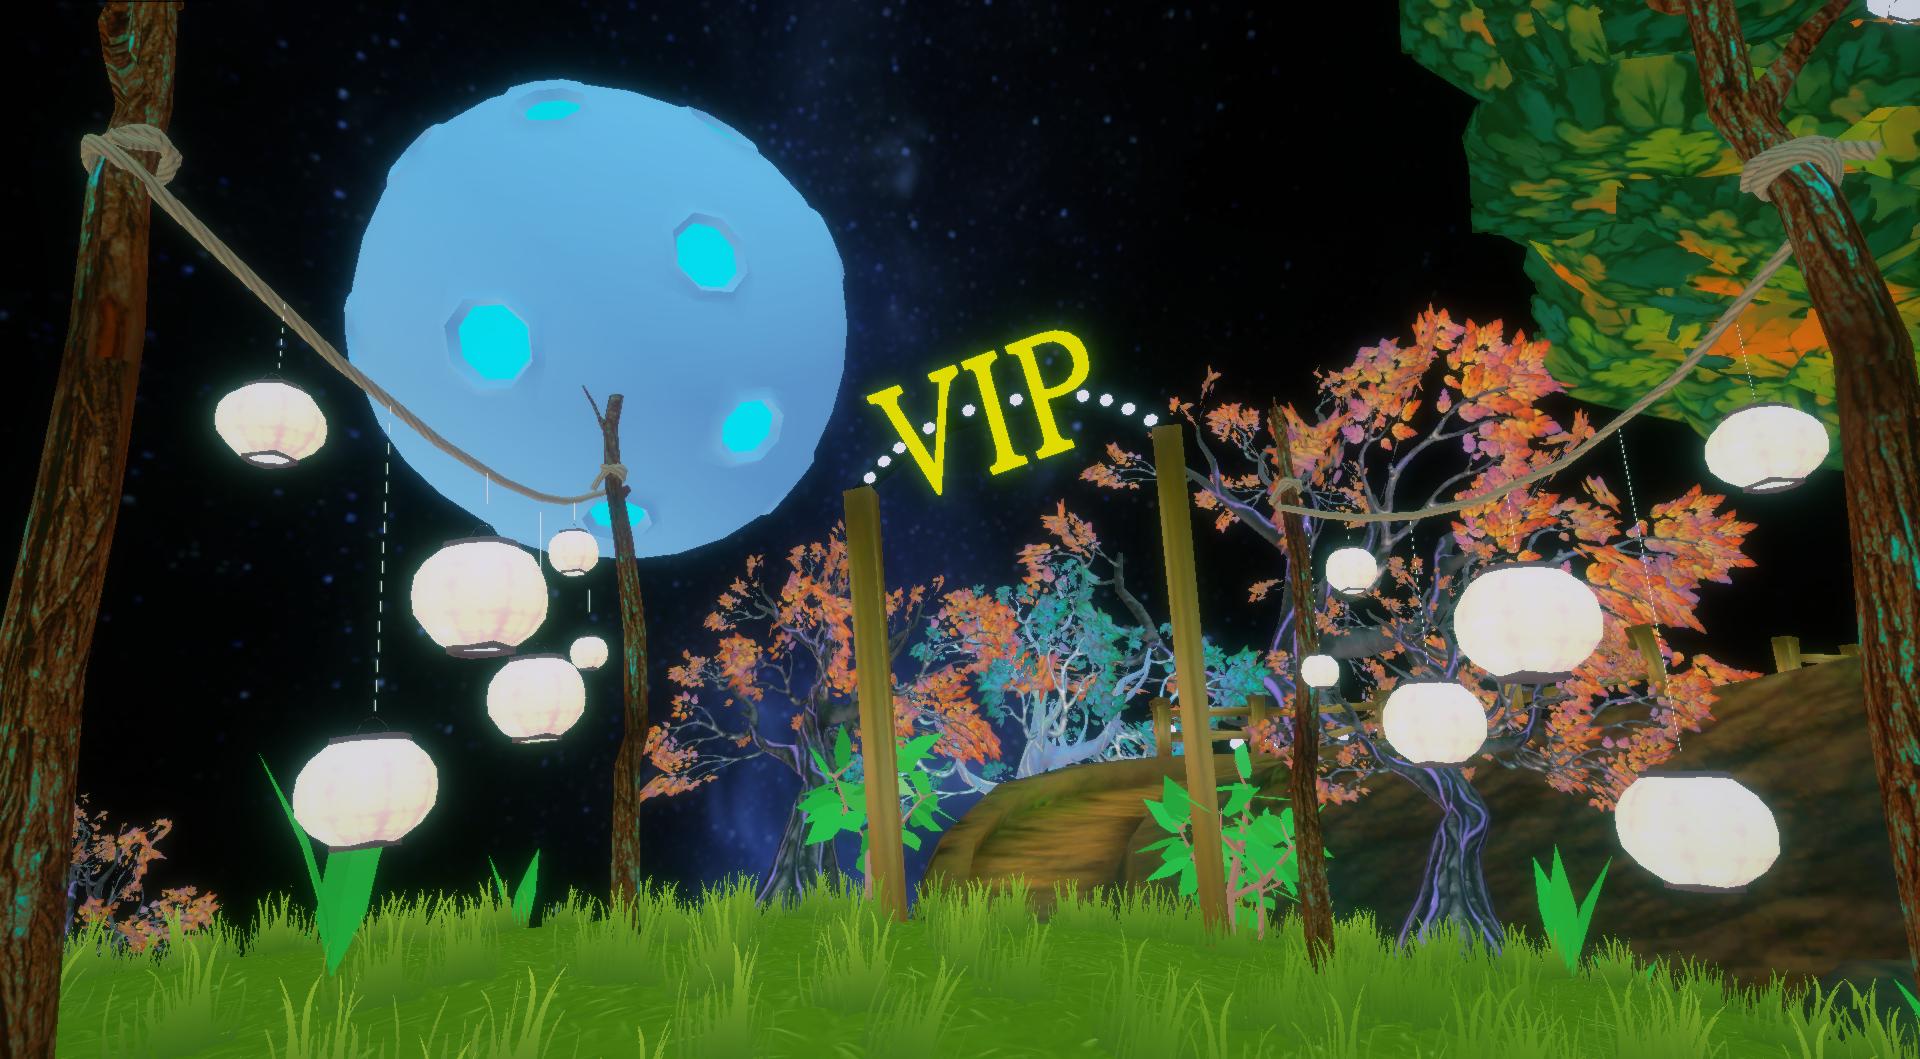 Festivalplaneten version 1 är lanserad!